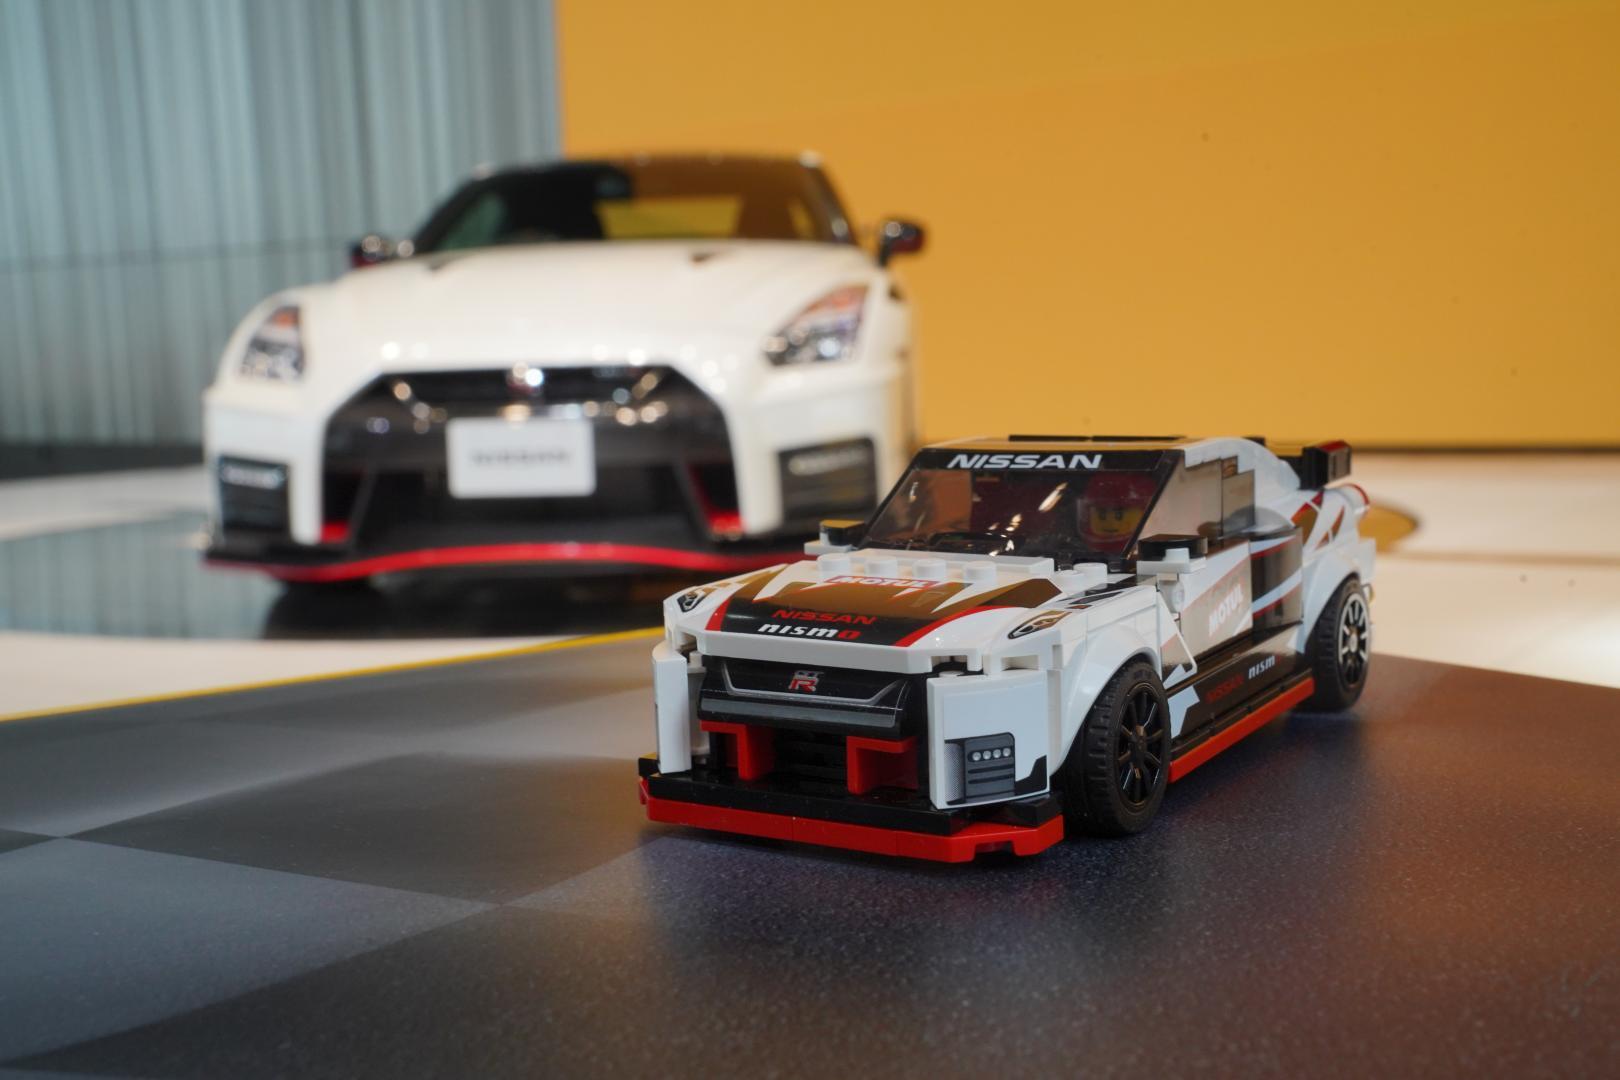 Lego Nissan GT-R Nismo lego voor echt achter 3 4